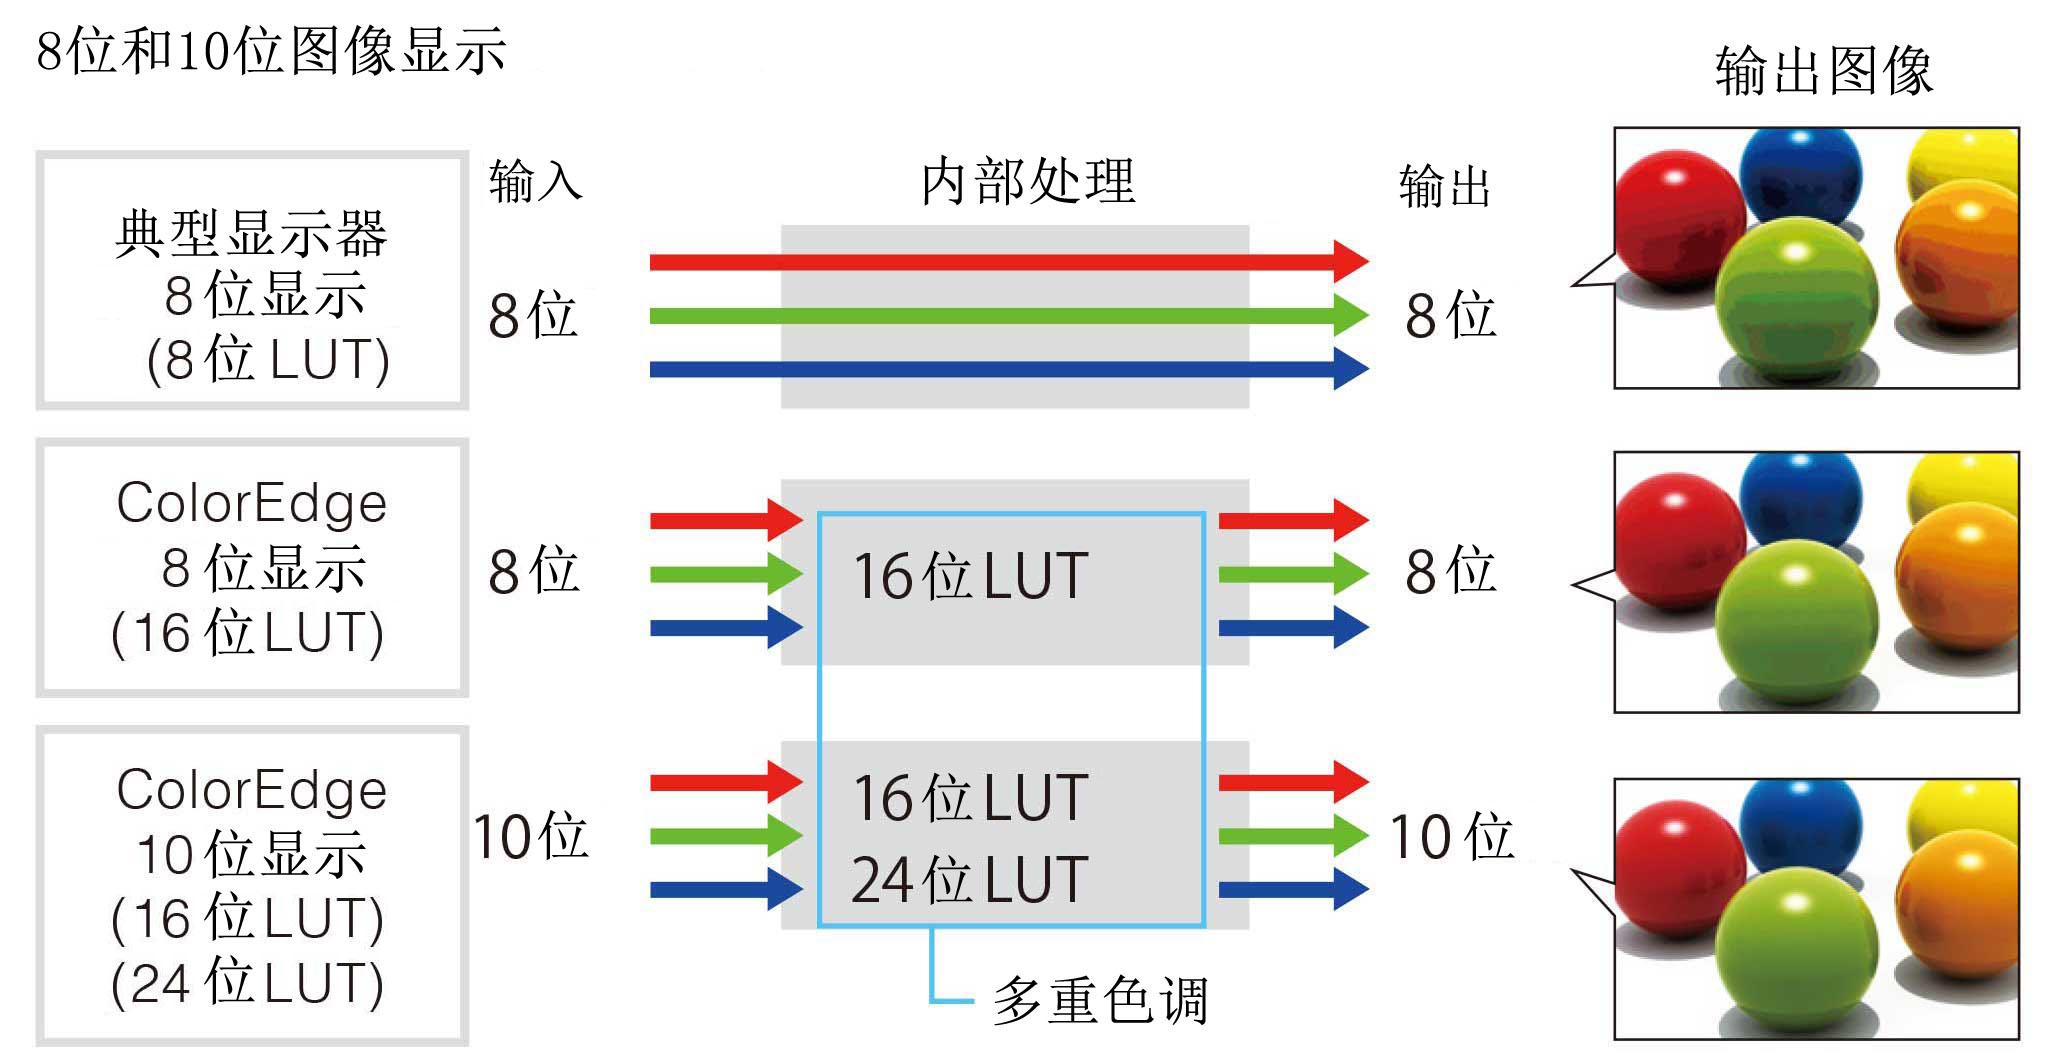 cg319x-10-bit-display.jpg